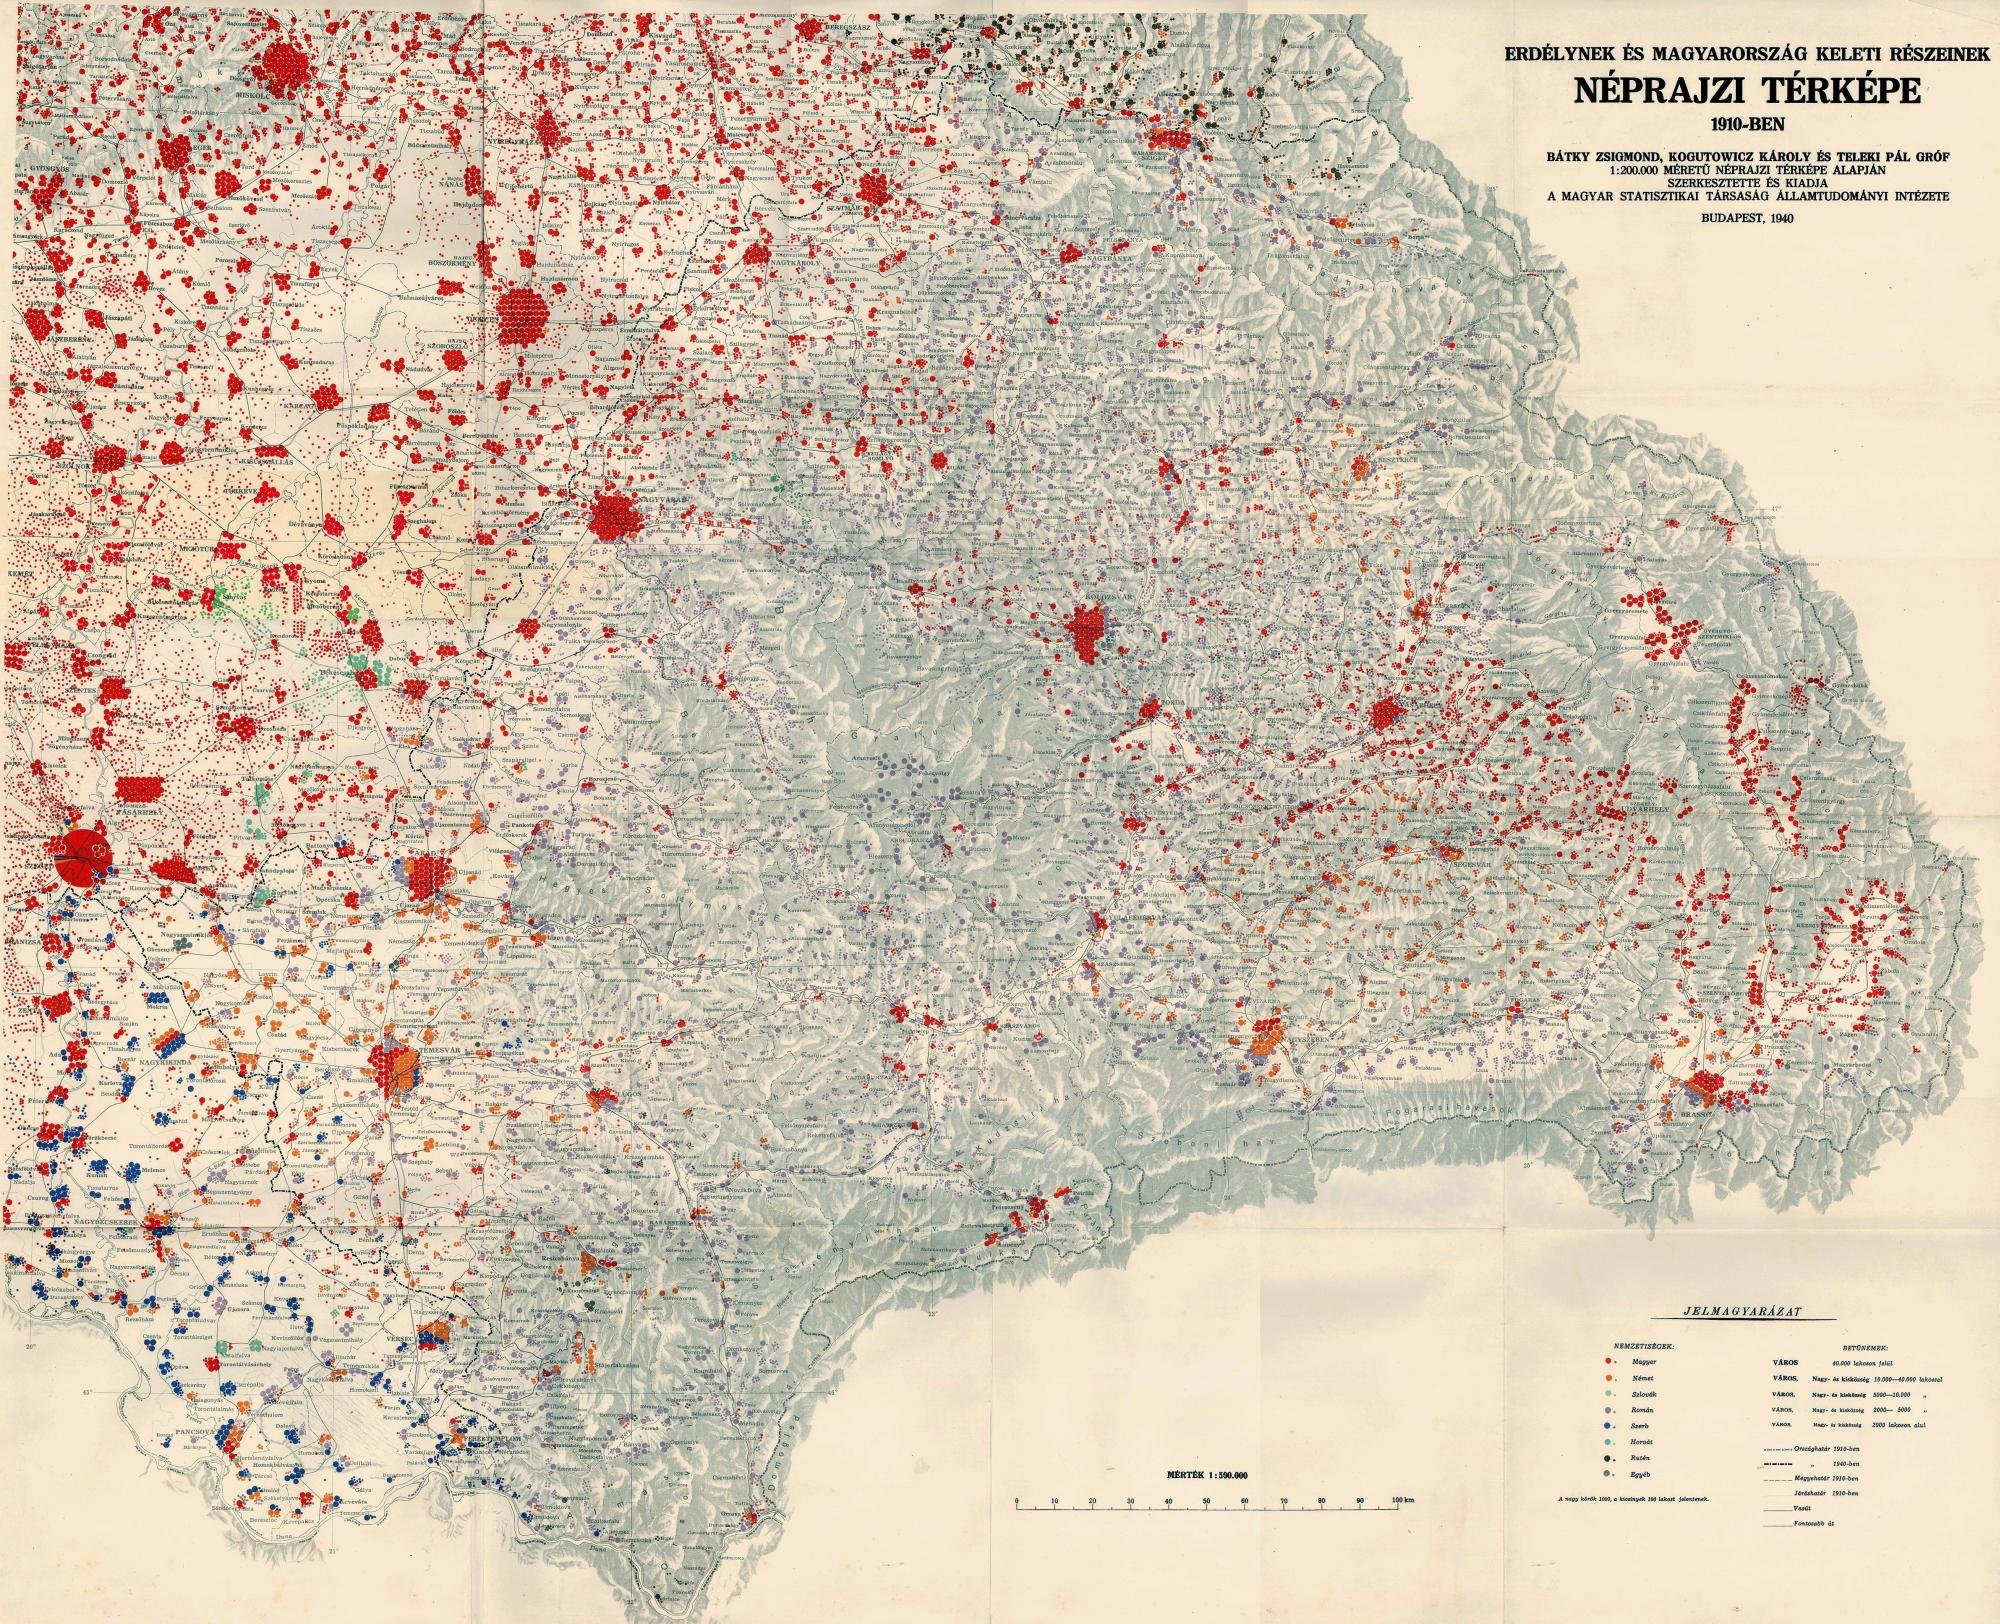 magyarország térkép 1940 Erdély / magyarország térkép 1940